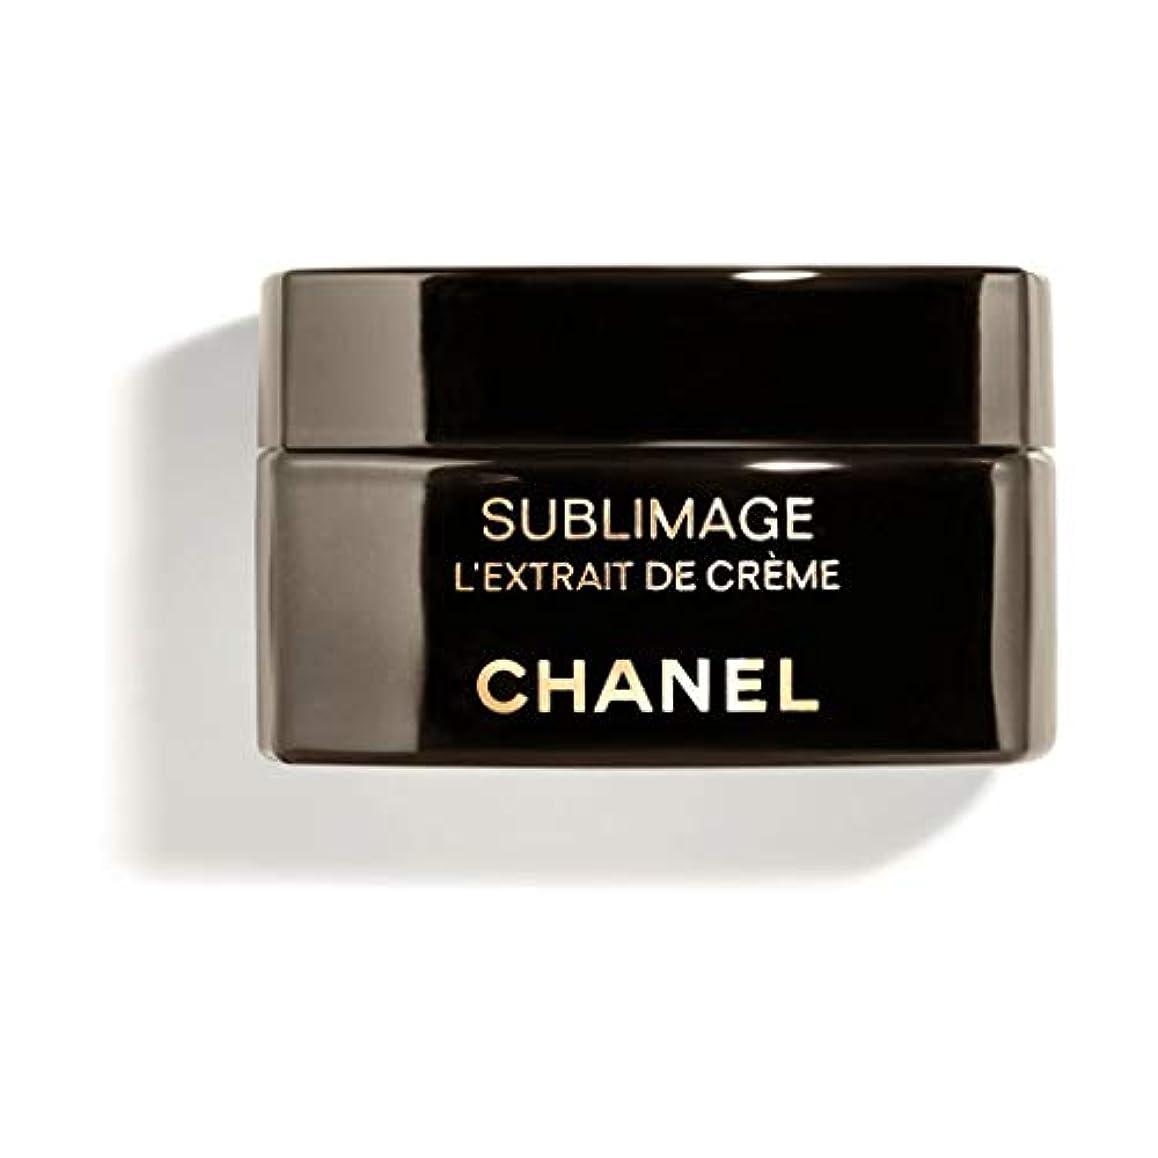 やるスカート実現可能CHANEL(シャネル) SUBLIMAGE L EXTRAIT DE CREME サブリマージュ レクストレ ドゥ クレーム 50g